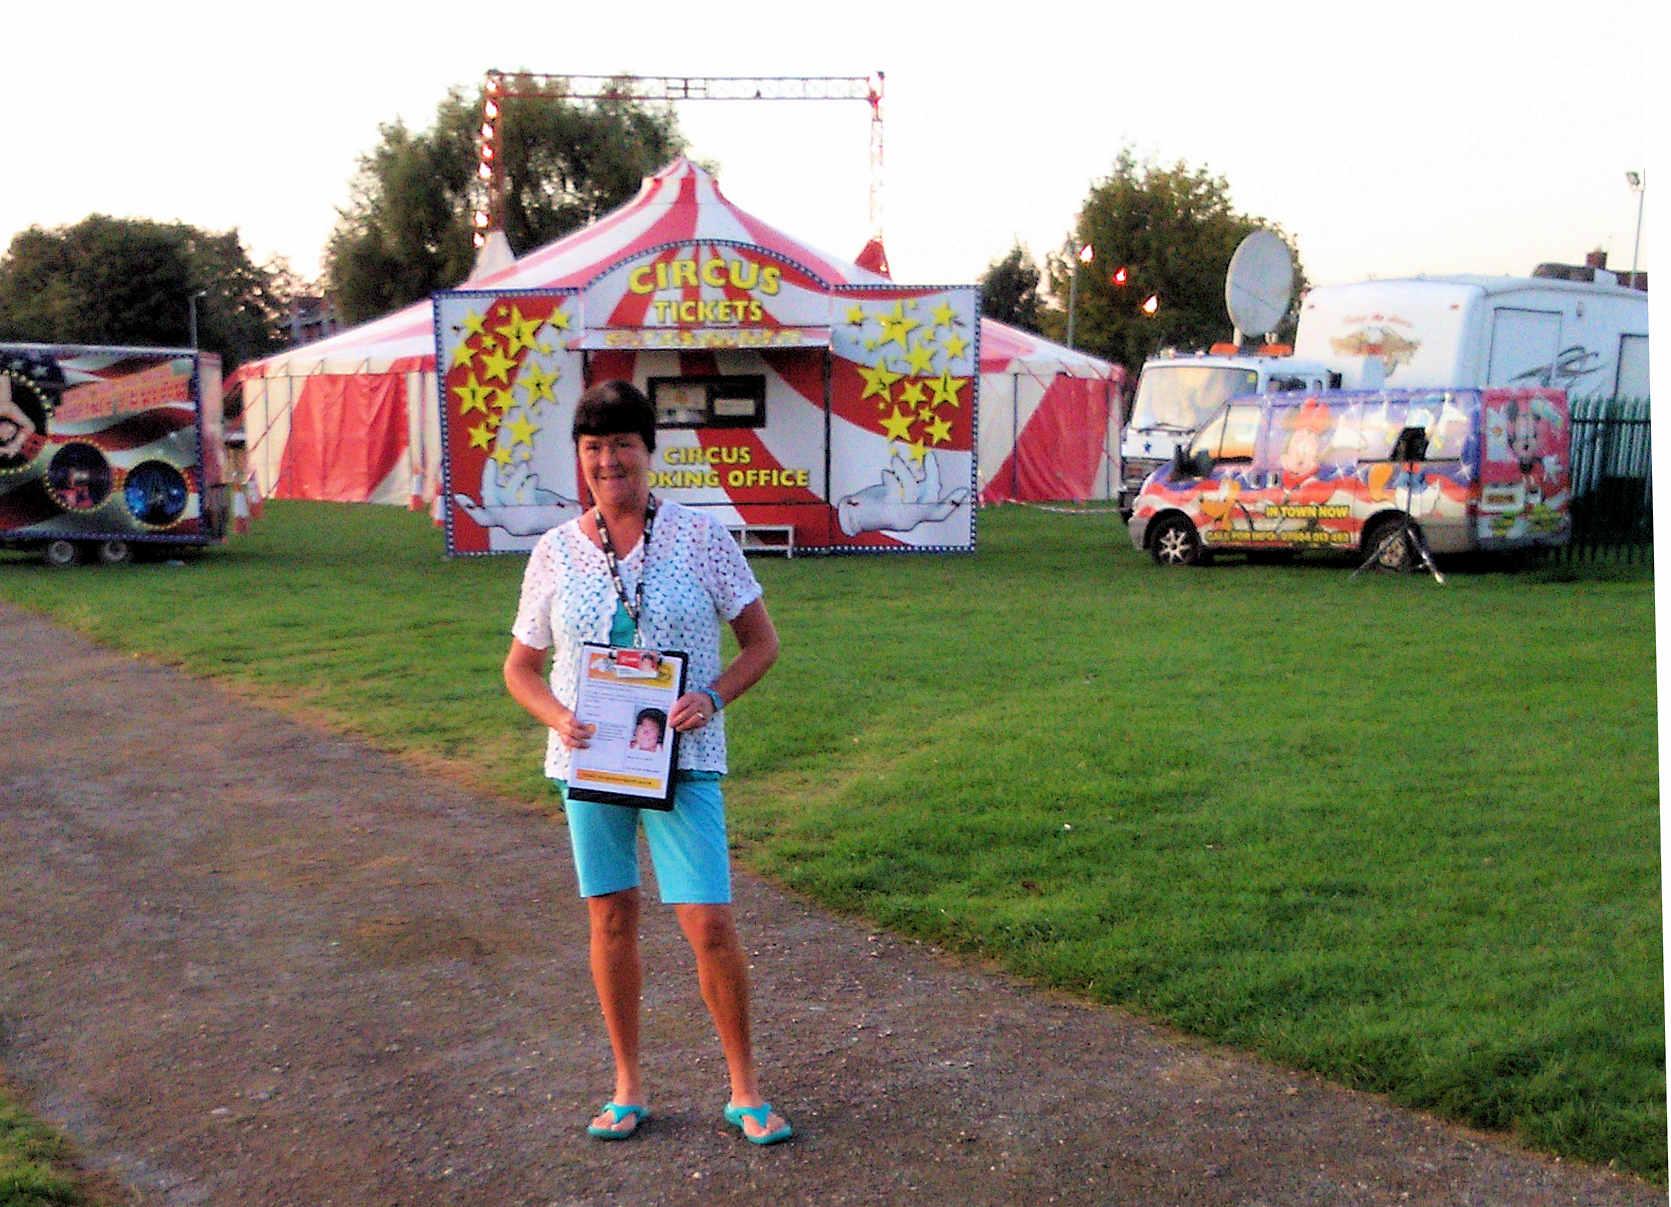 Sheena at Circus